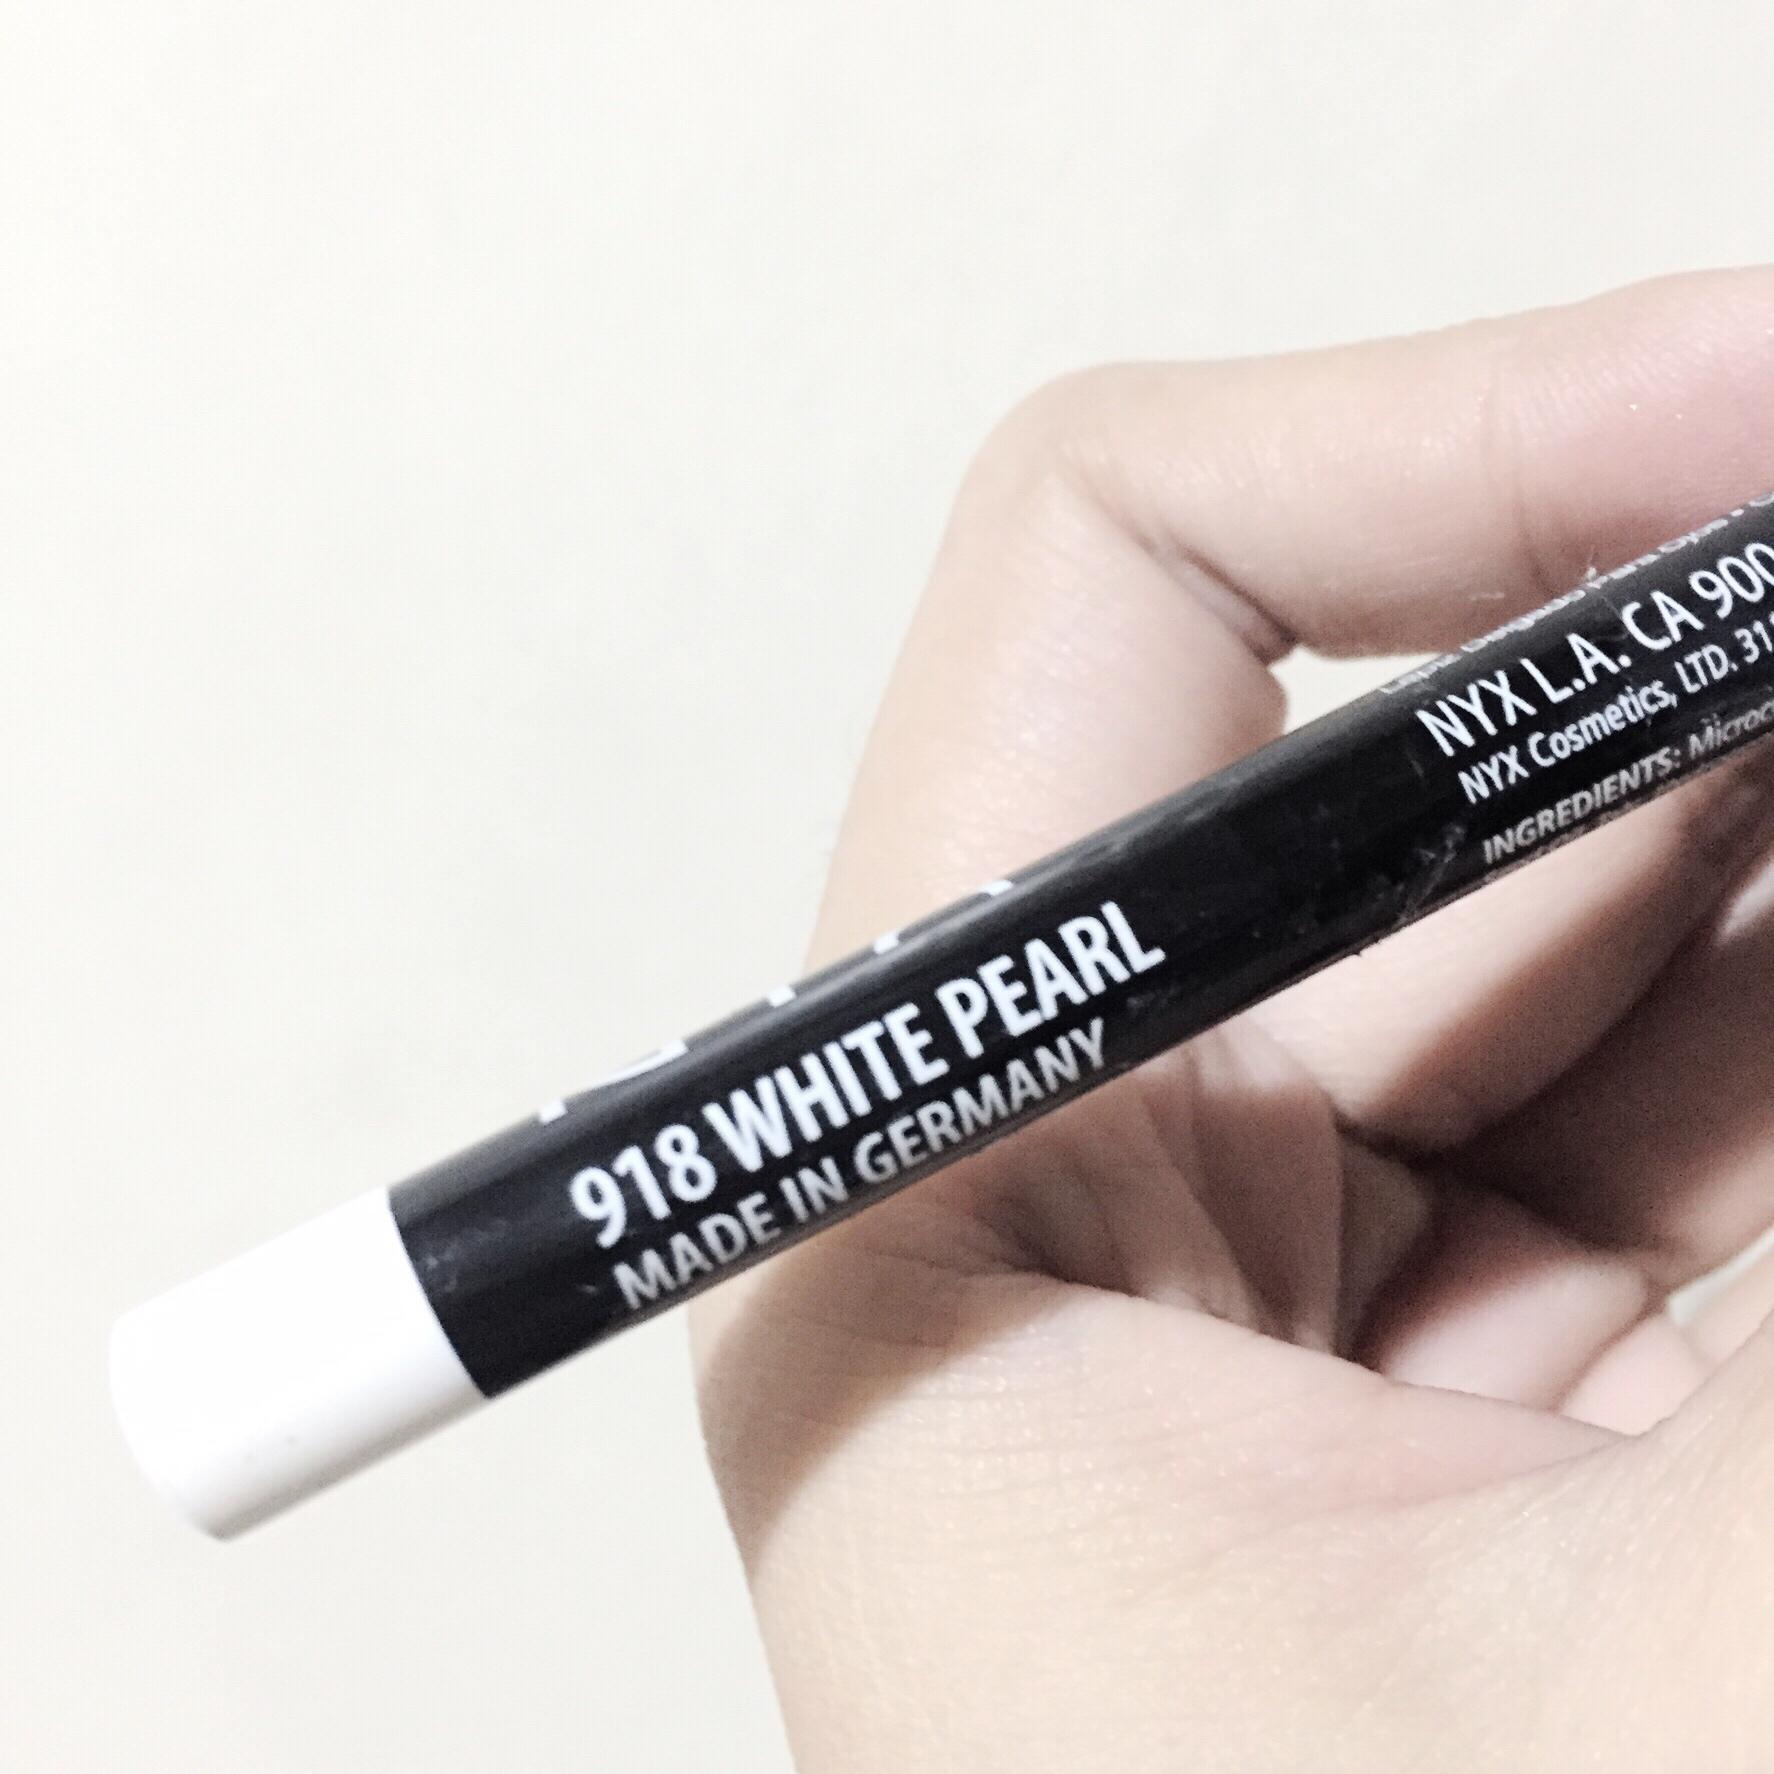 NYX Slim Eye Liner Pencil 918 White Pearl